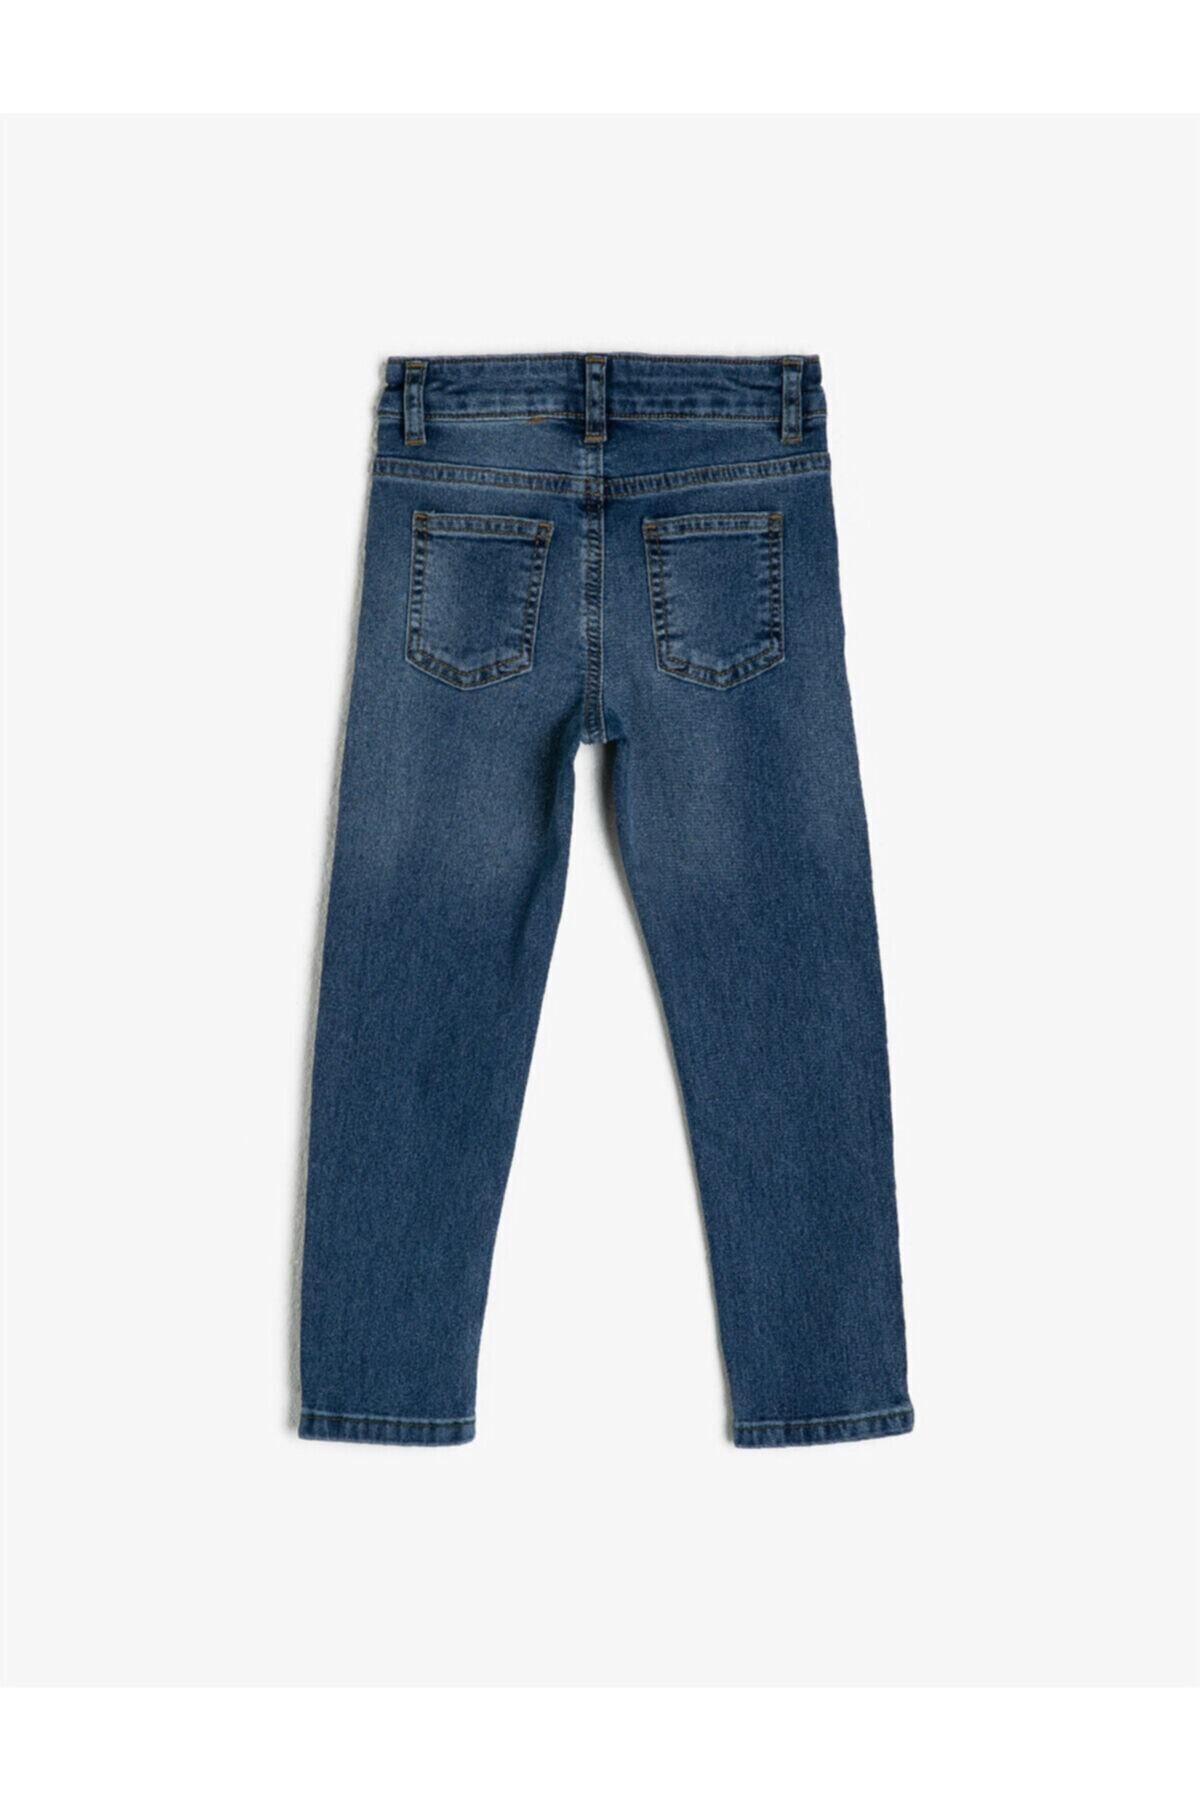 Koton Erkek Çocuk Mavi Cepli Jean Pantolon 2